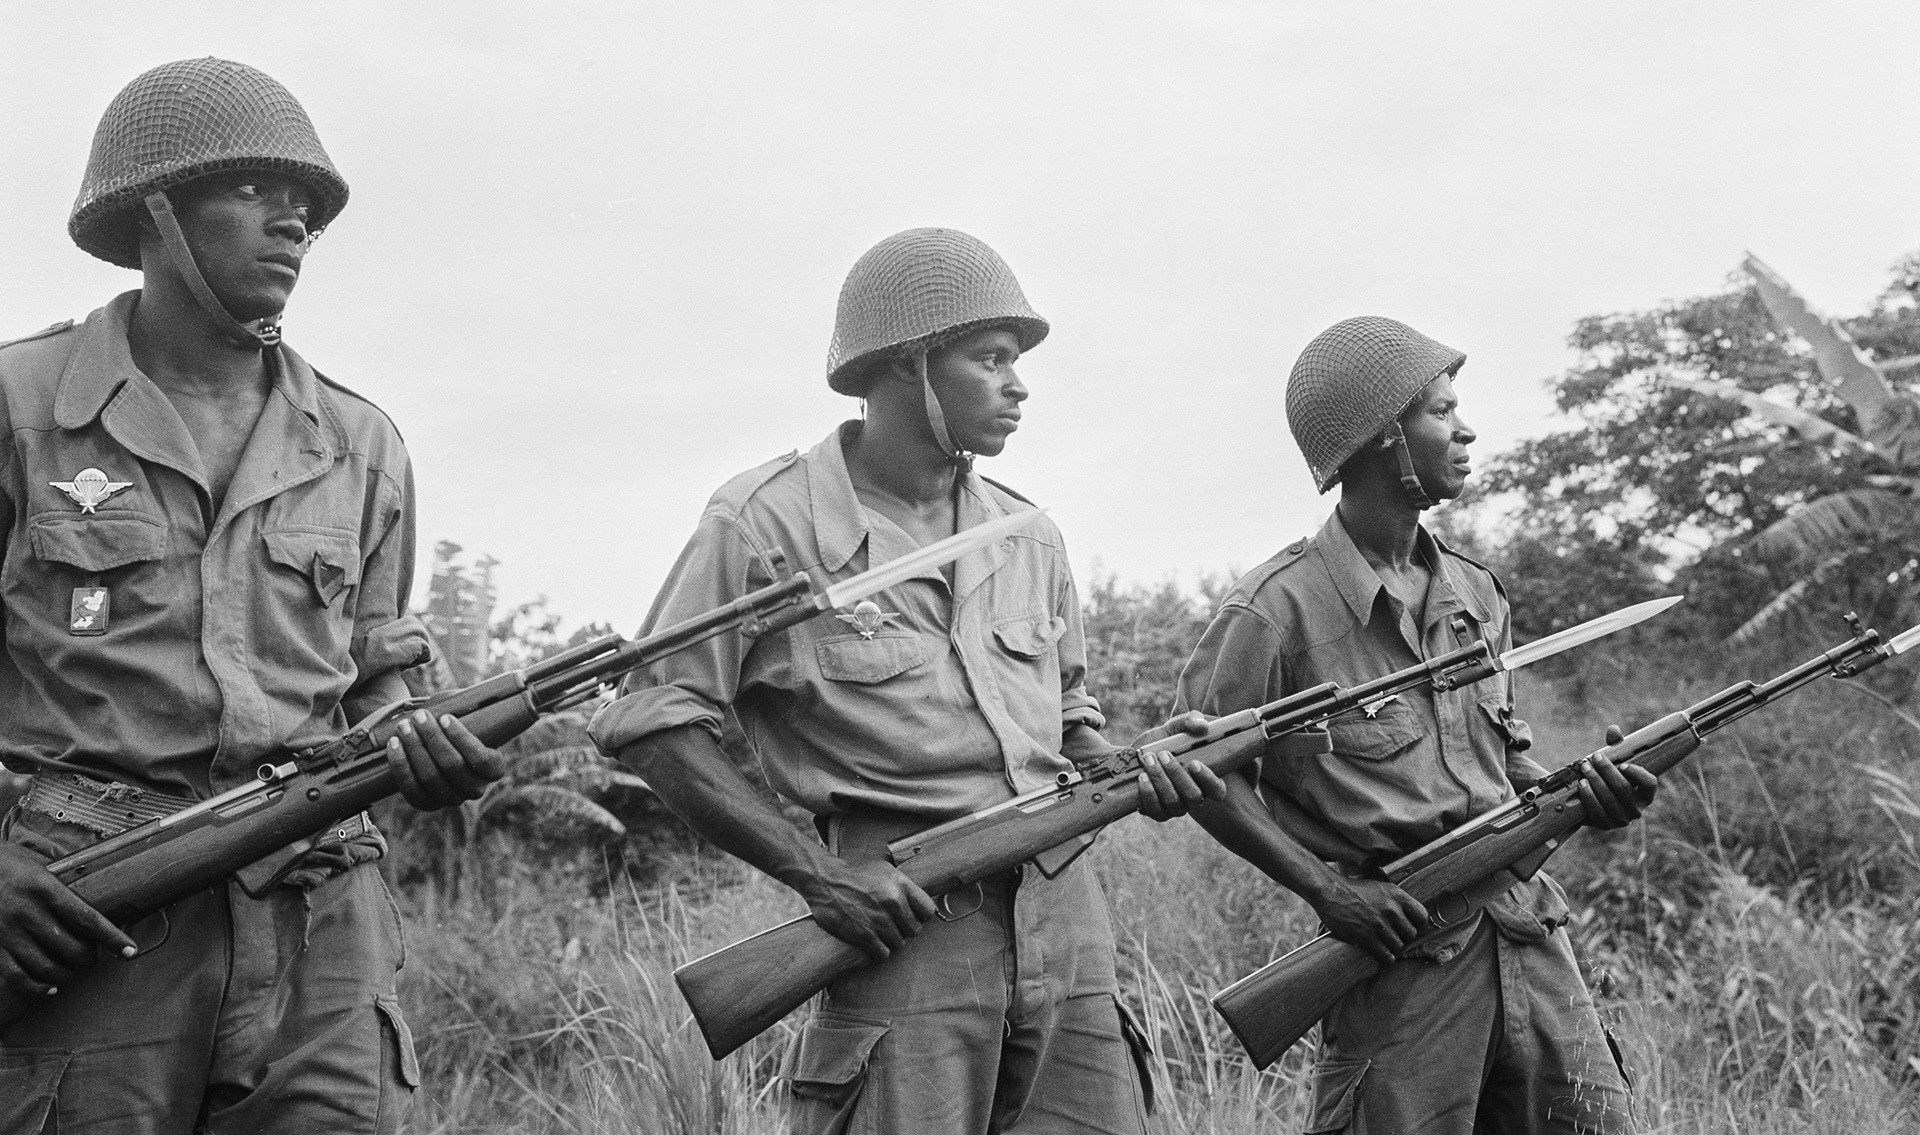 Soldaten der nationalen Streitkräfte vom Kongo